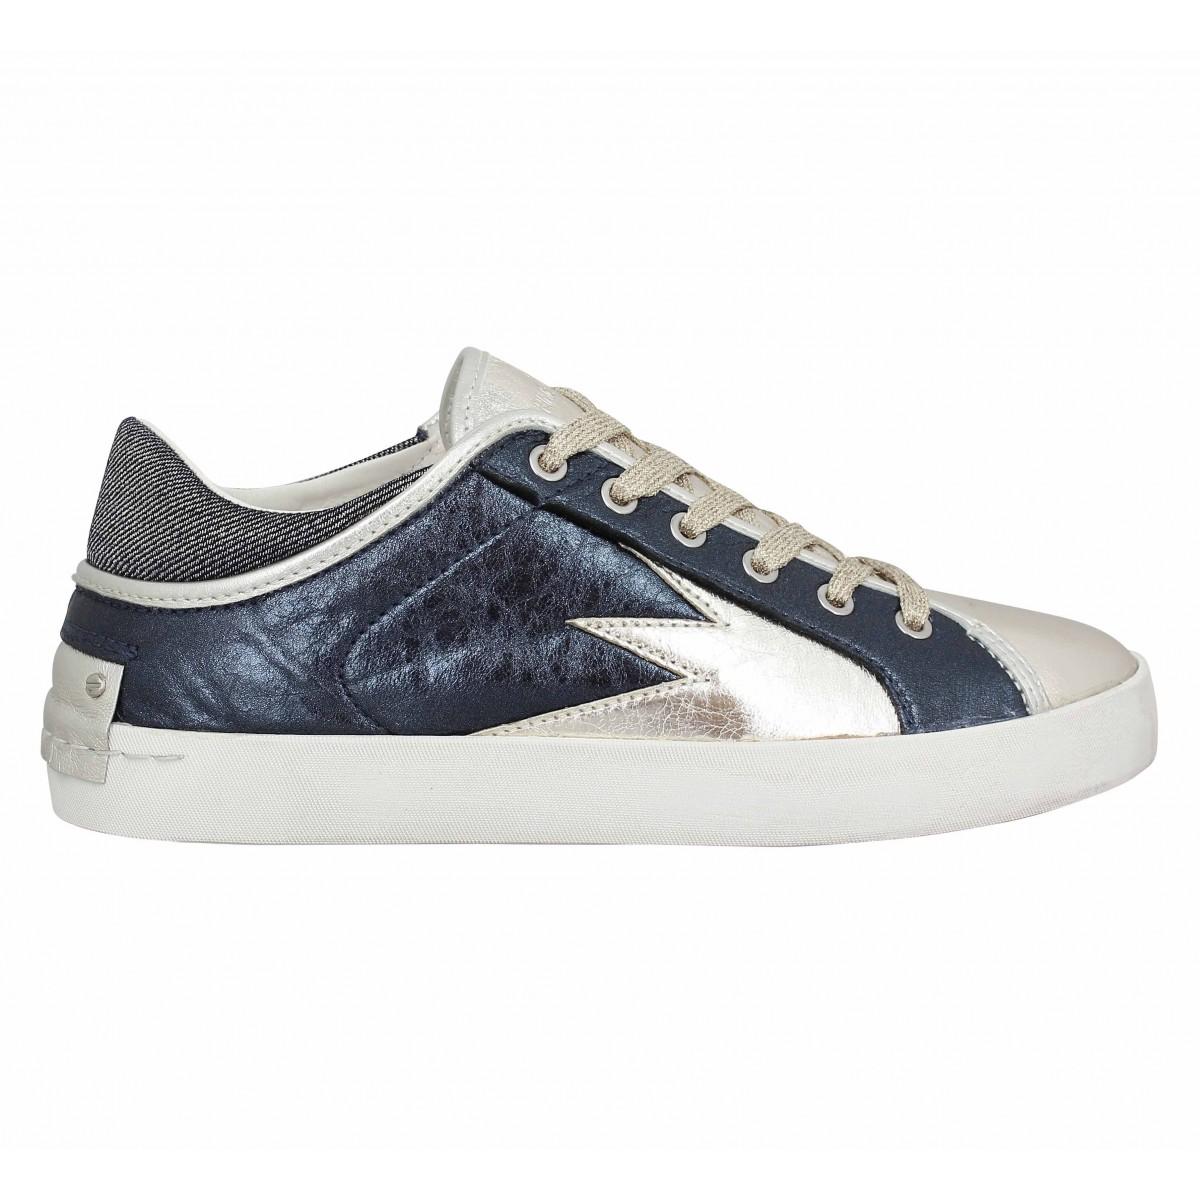 Appelez Pane - Chaussures De Sport Pour Femmes / Palladium Bleu Q14IFO8z